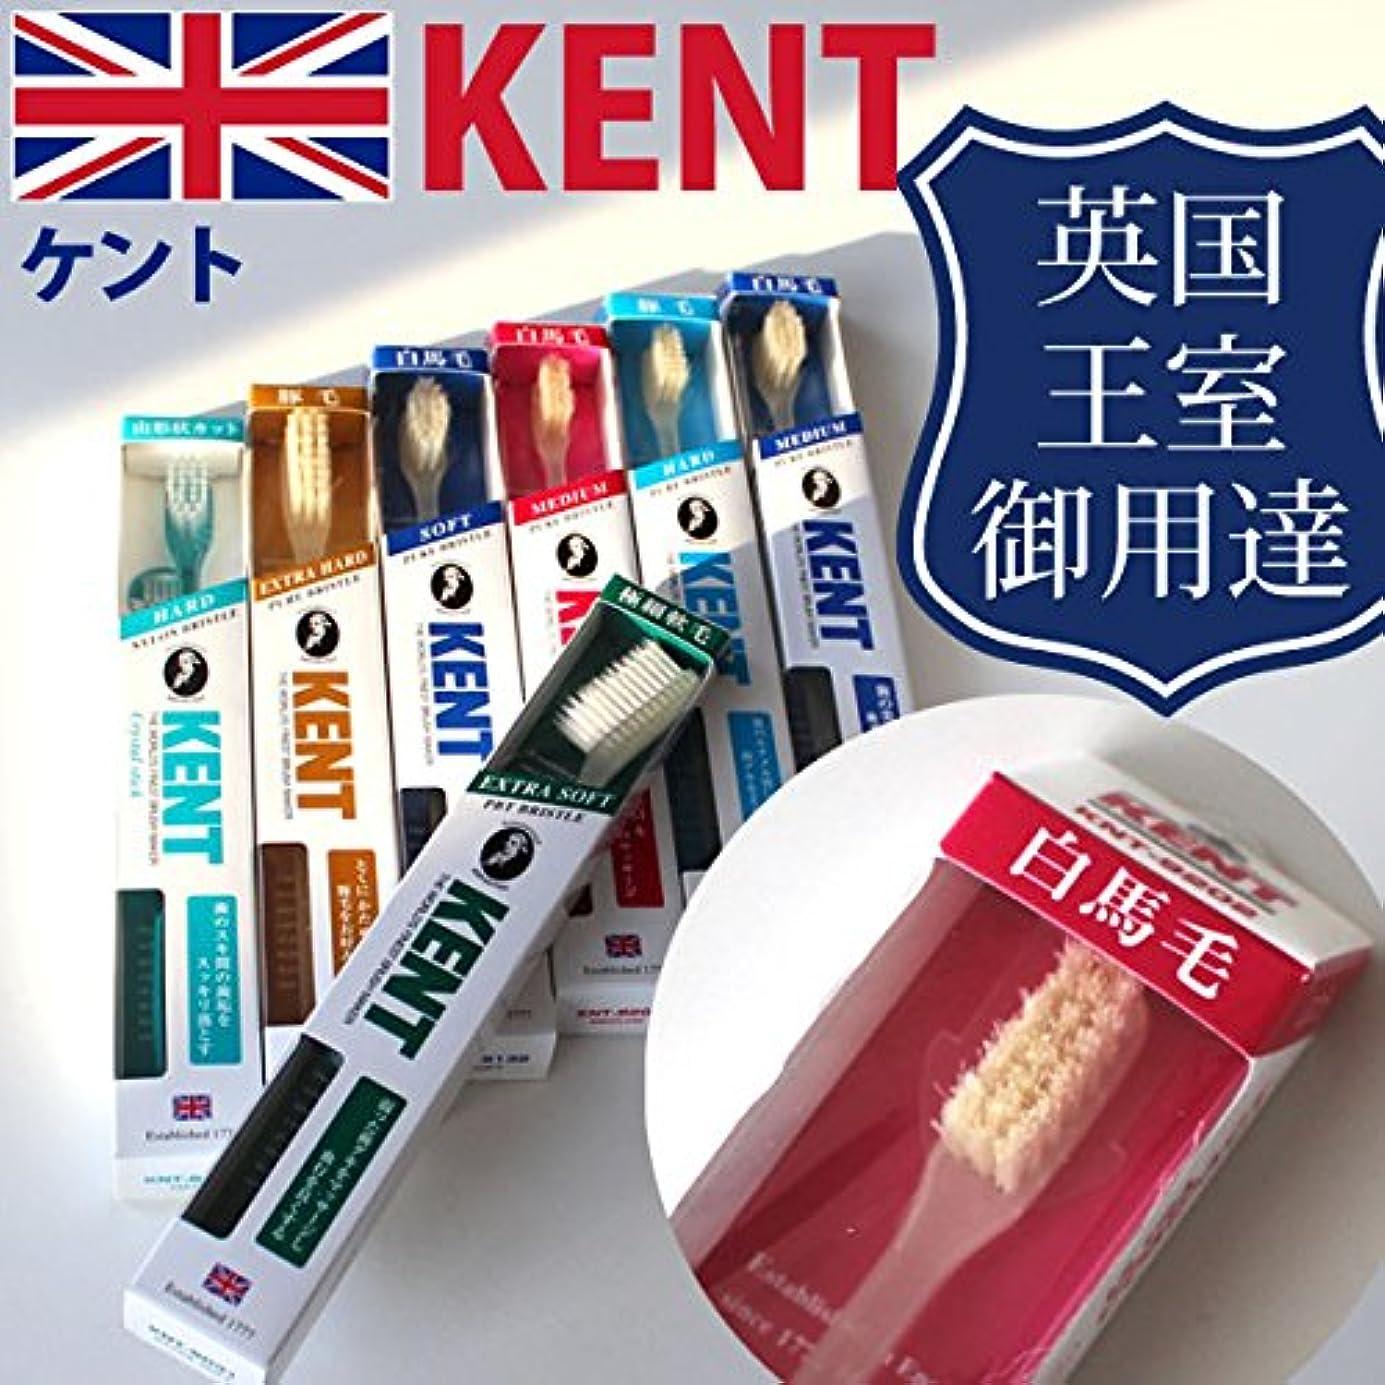 自分のためにレパートリー確認するケント KENT 白馬毛 超コンパクト歯ブラシ KNT-9102/9202 6本入り 他のコンパクトヘッドに比べて歯 やわらかめ